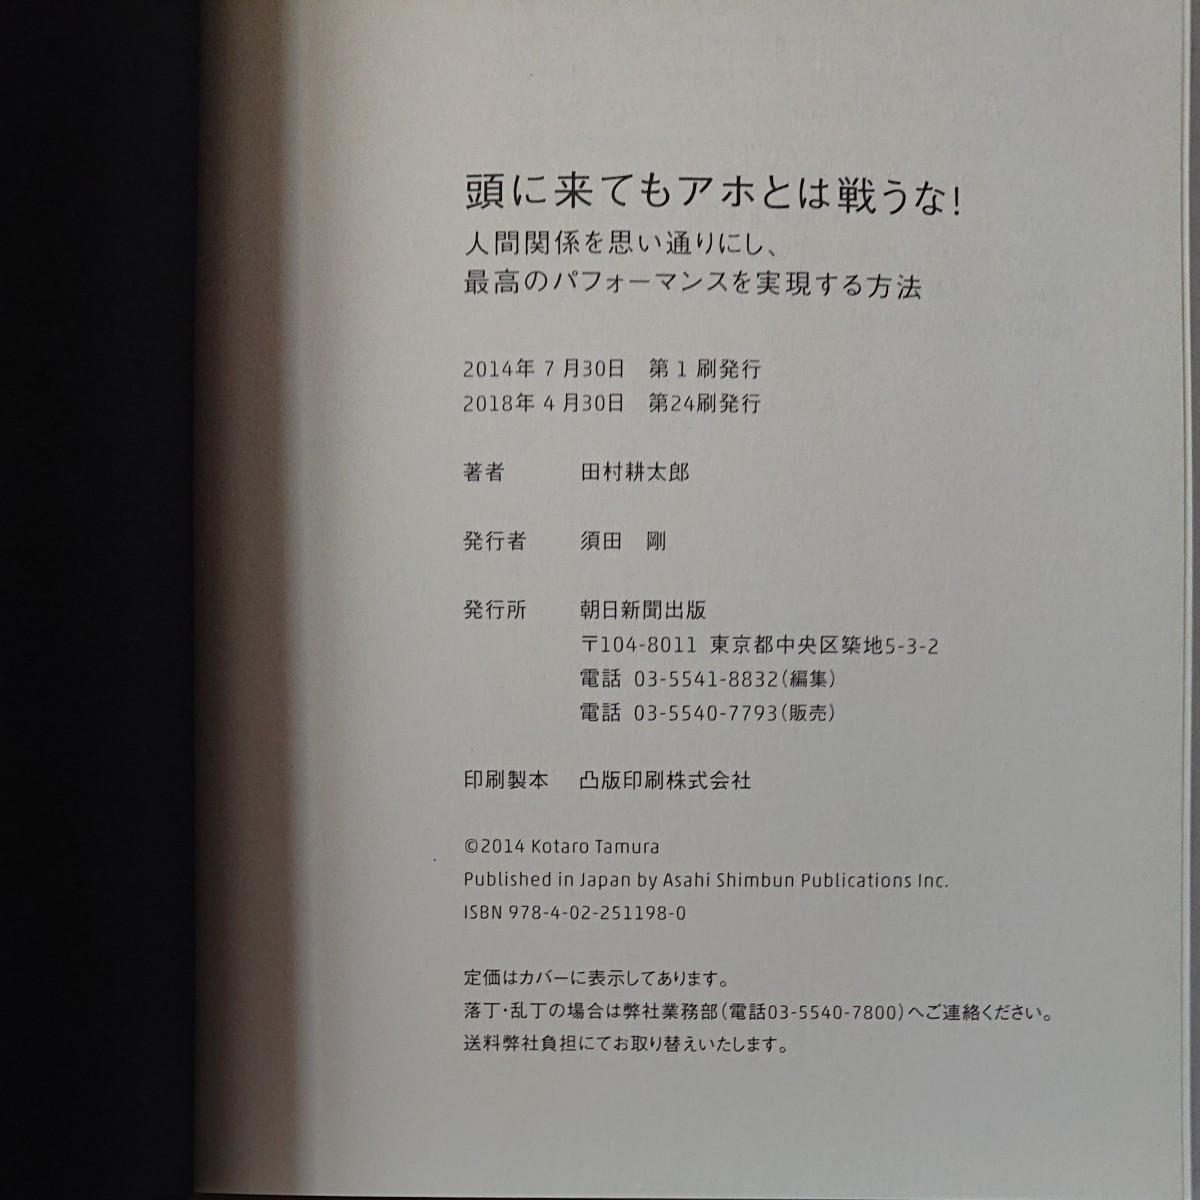 『頭に来てもアホとは戦うな』 田村耕太郎